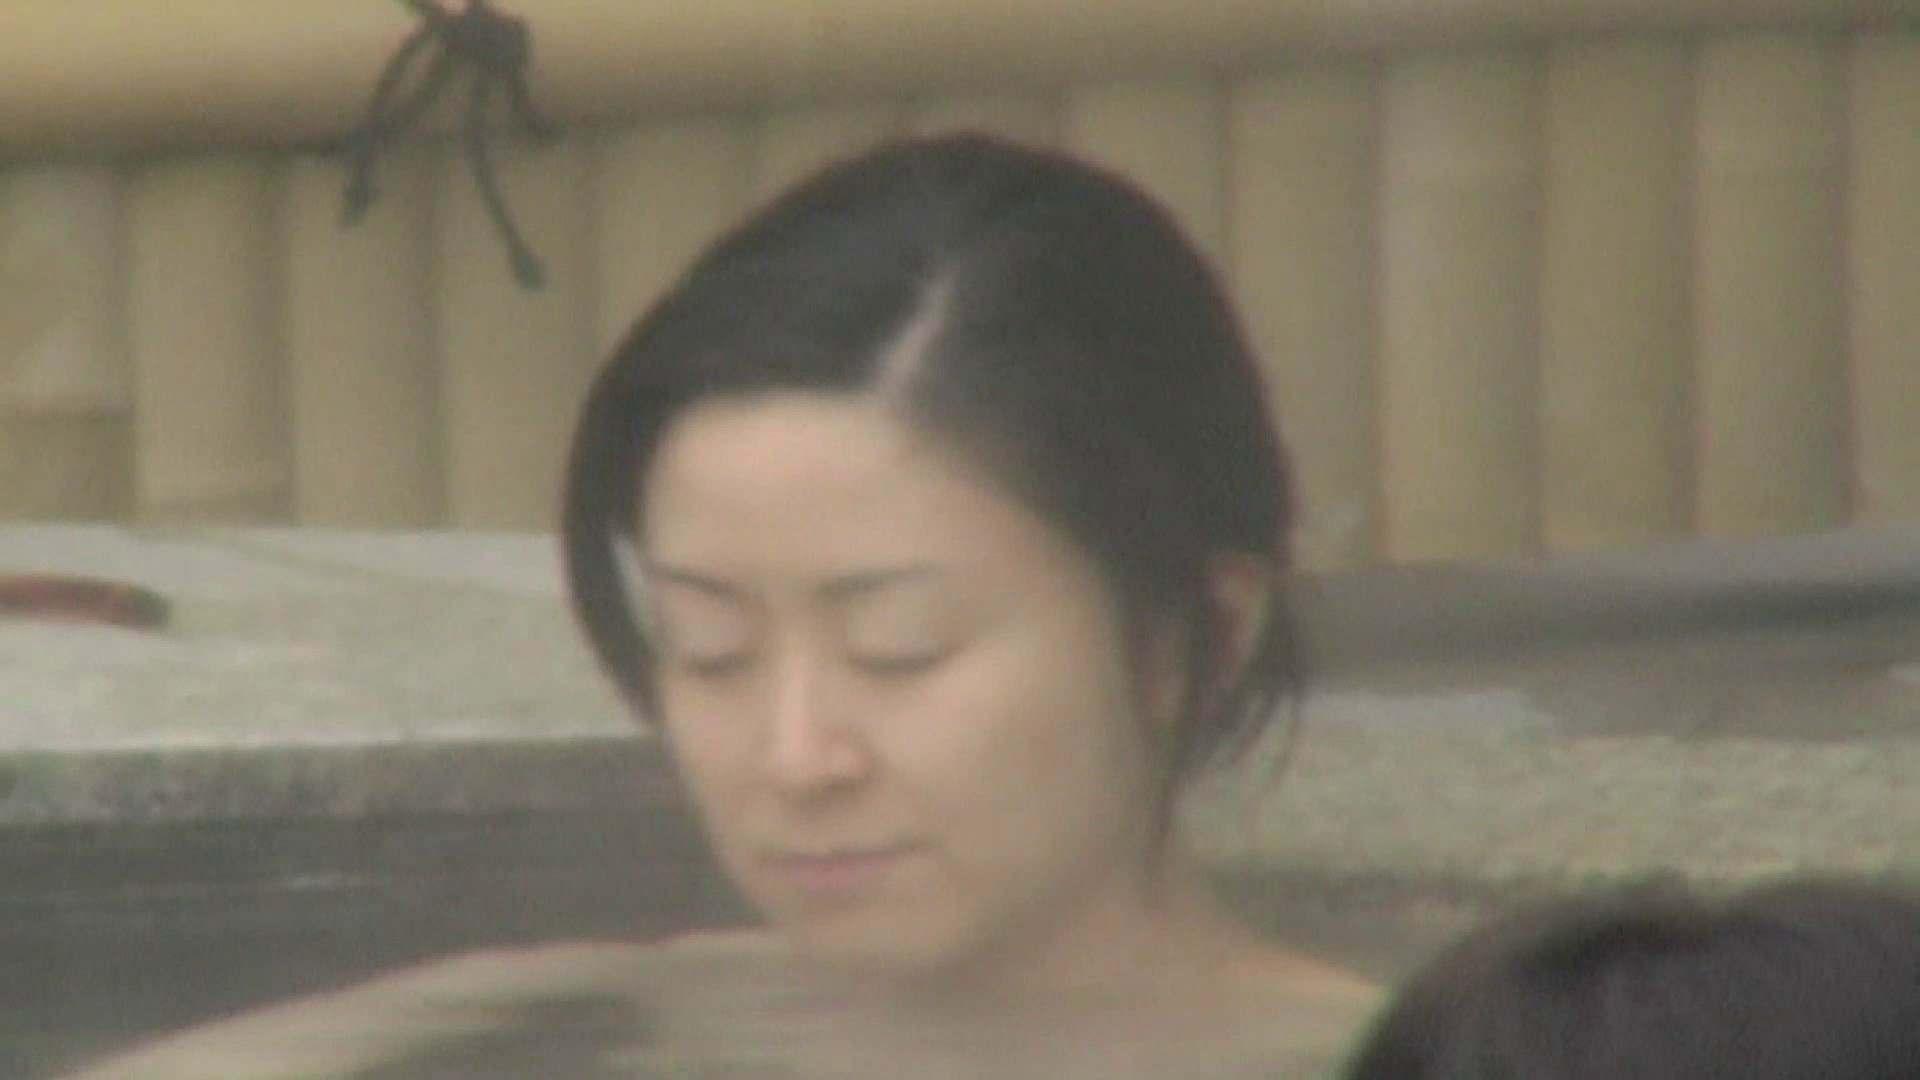 Aquaな露天風呂Vol.548 盗撮  103画像 33